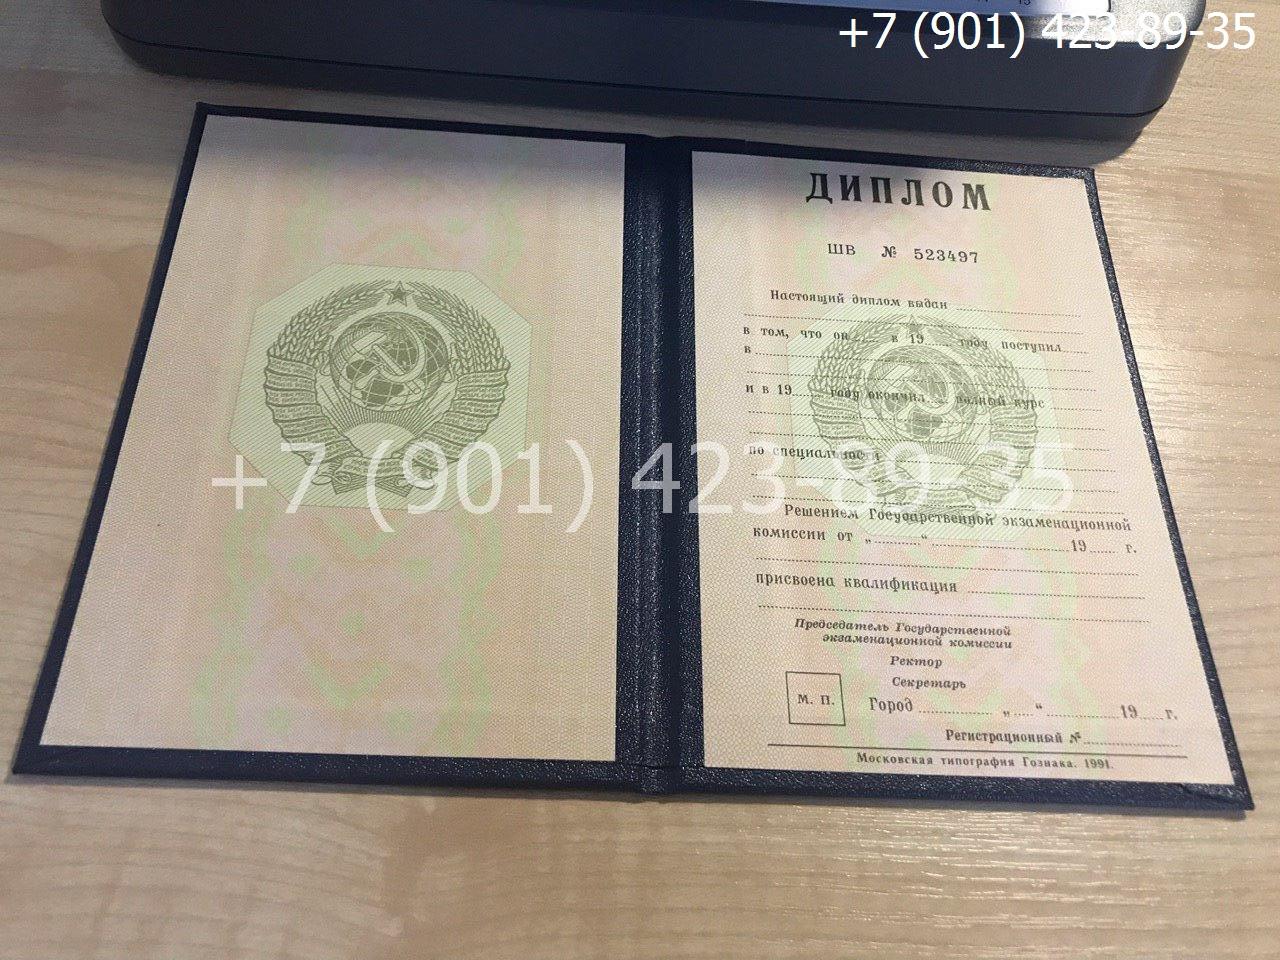 Диплом ВУЗа СССР, титульный лист-1